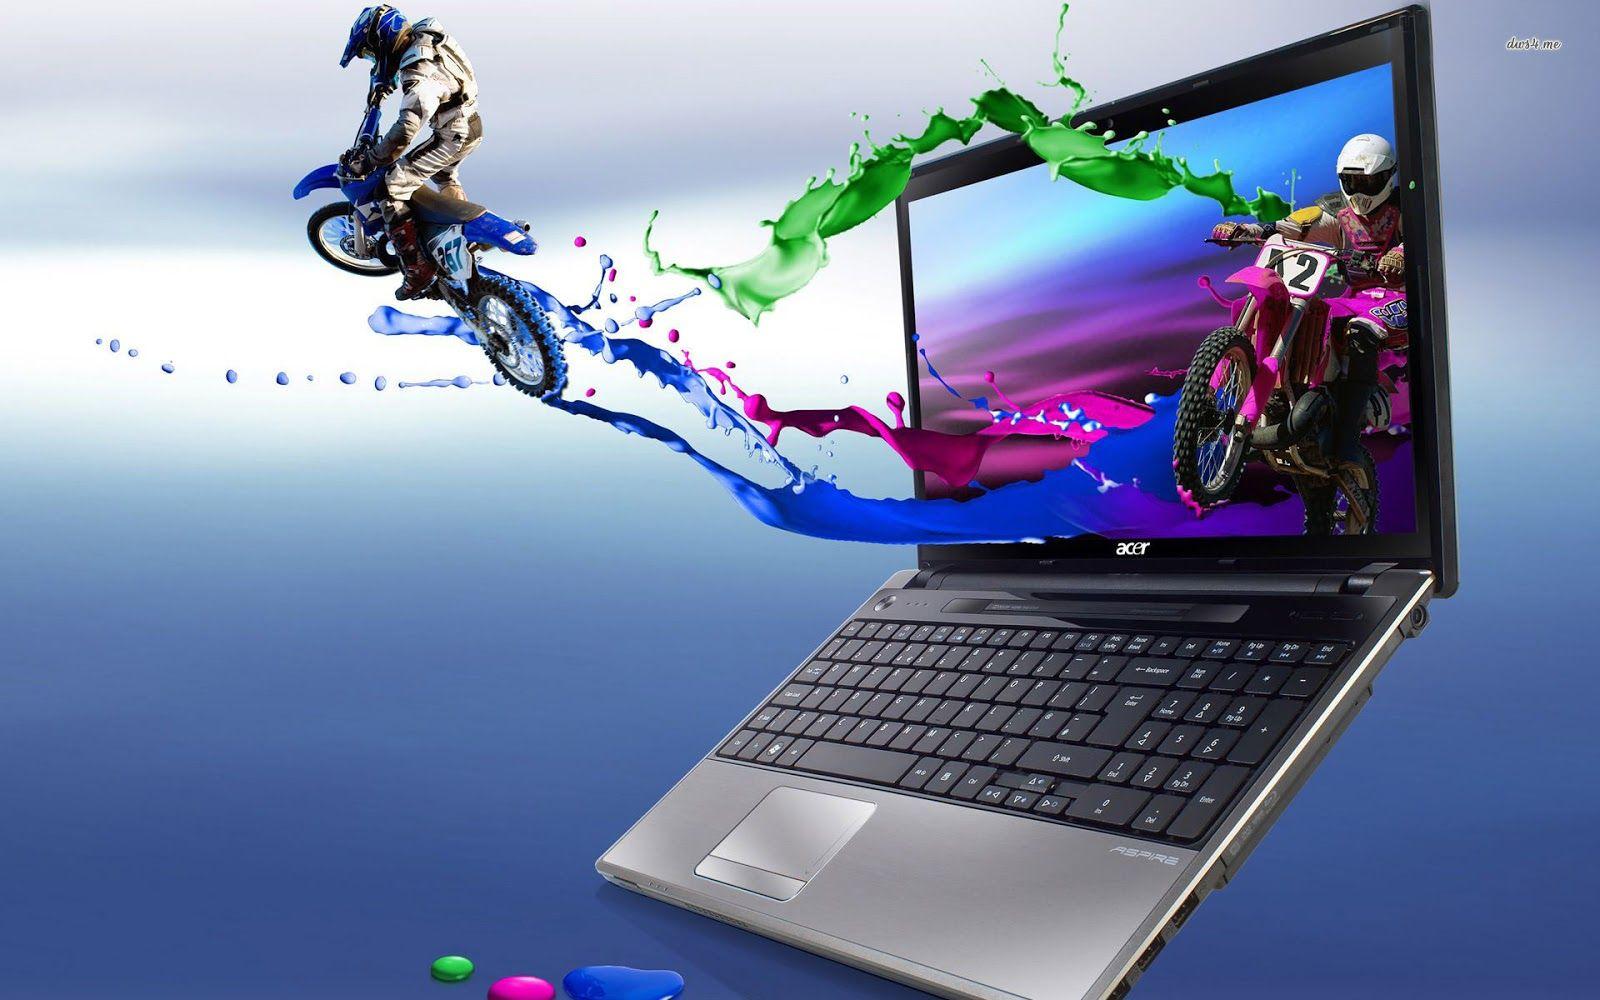 خلفيات كمبيوتر ثلاثية الأبعاد 3d Wallpapers Desktop Backgrounds